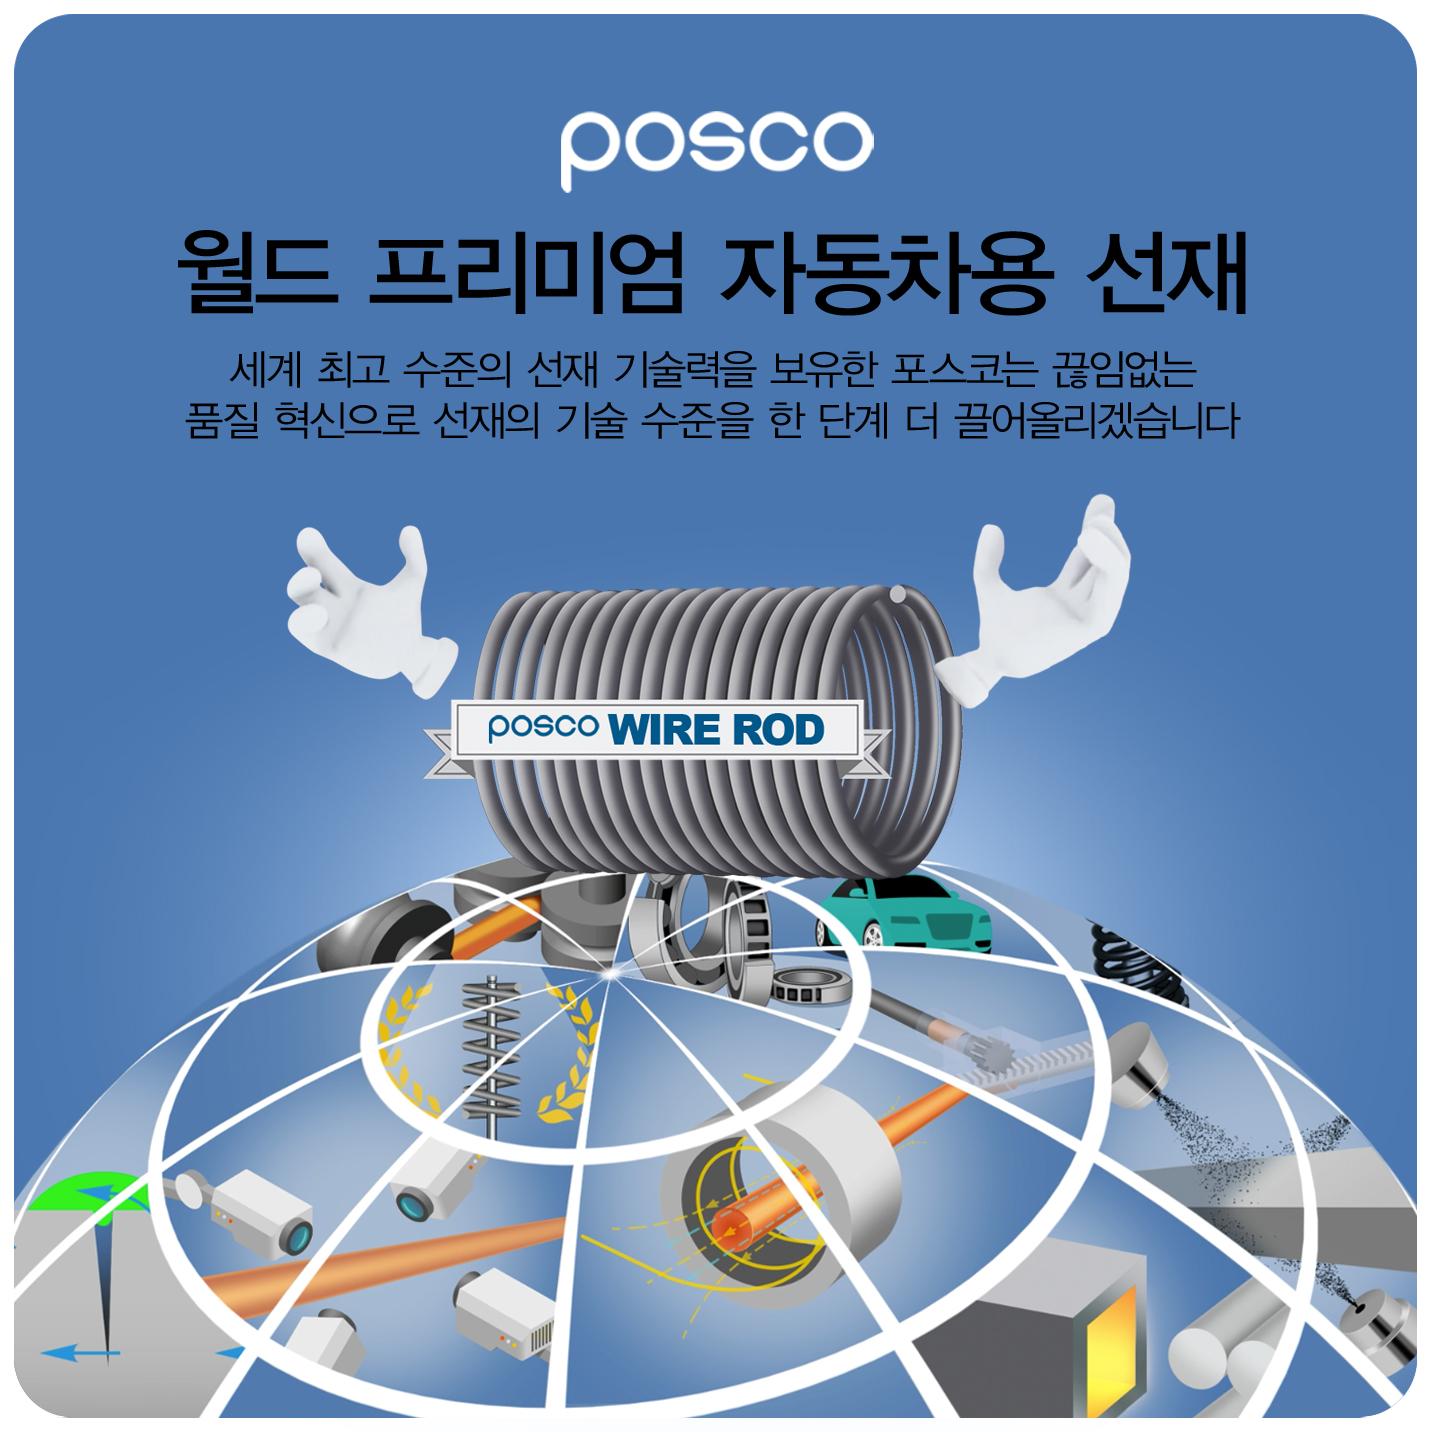 posco 월드 프리미엄 자동차용 선재 세계 최고 수준의 선재기술력을 보유한 포스코는 끊임없는 품질 혁신으로 선재 기술 수준을 한 단계 더 끌어올리겠습니다 POSCO WIRE ROD